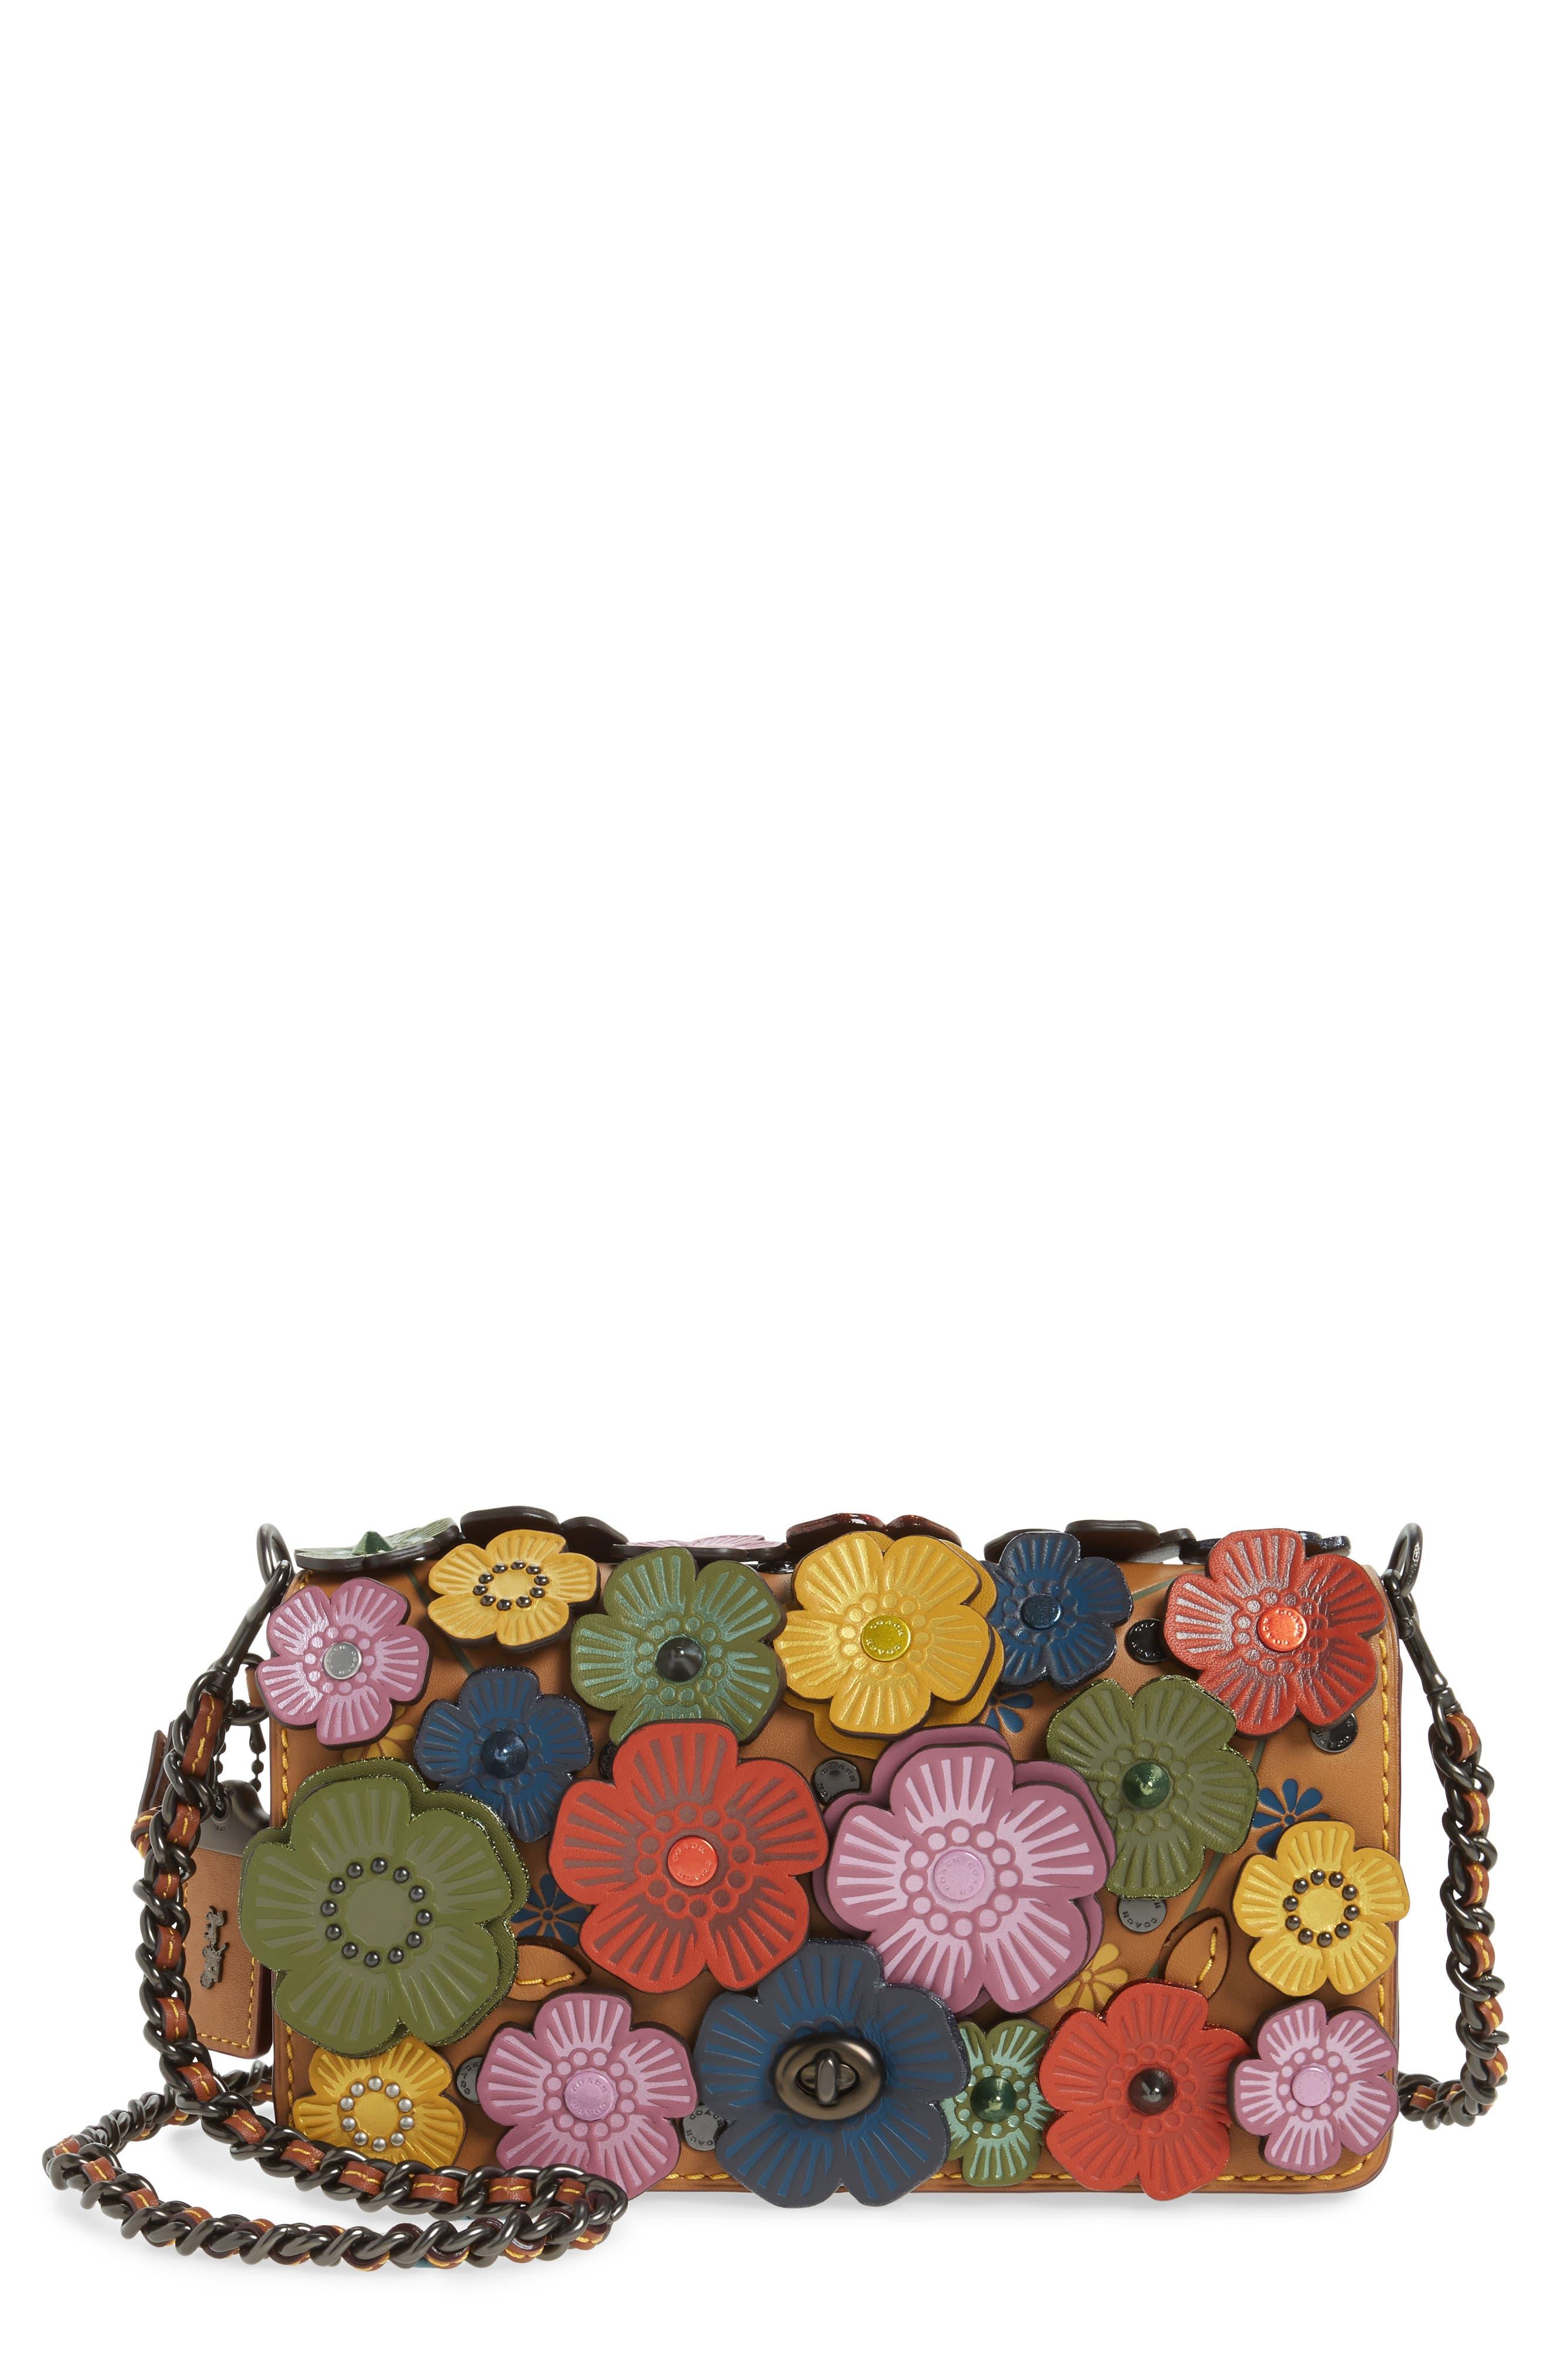 'Dinky' Flower Appliqué Leather Crossbody Bag,                         Main,                         color, Rainbow